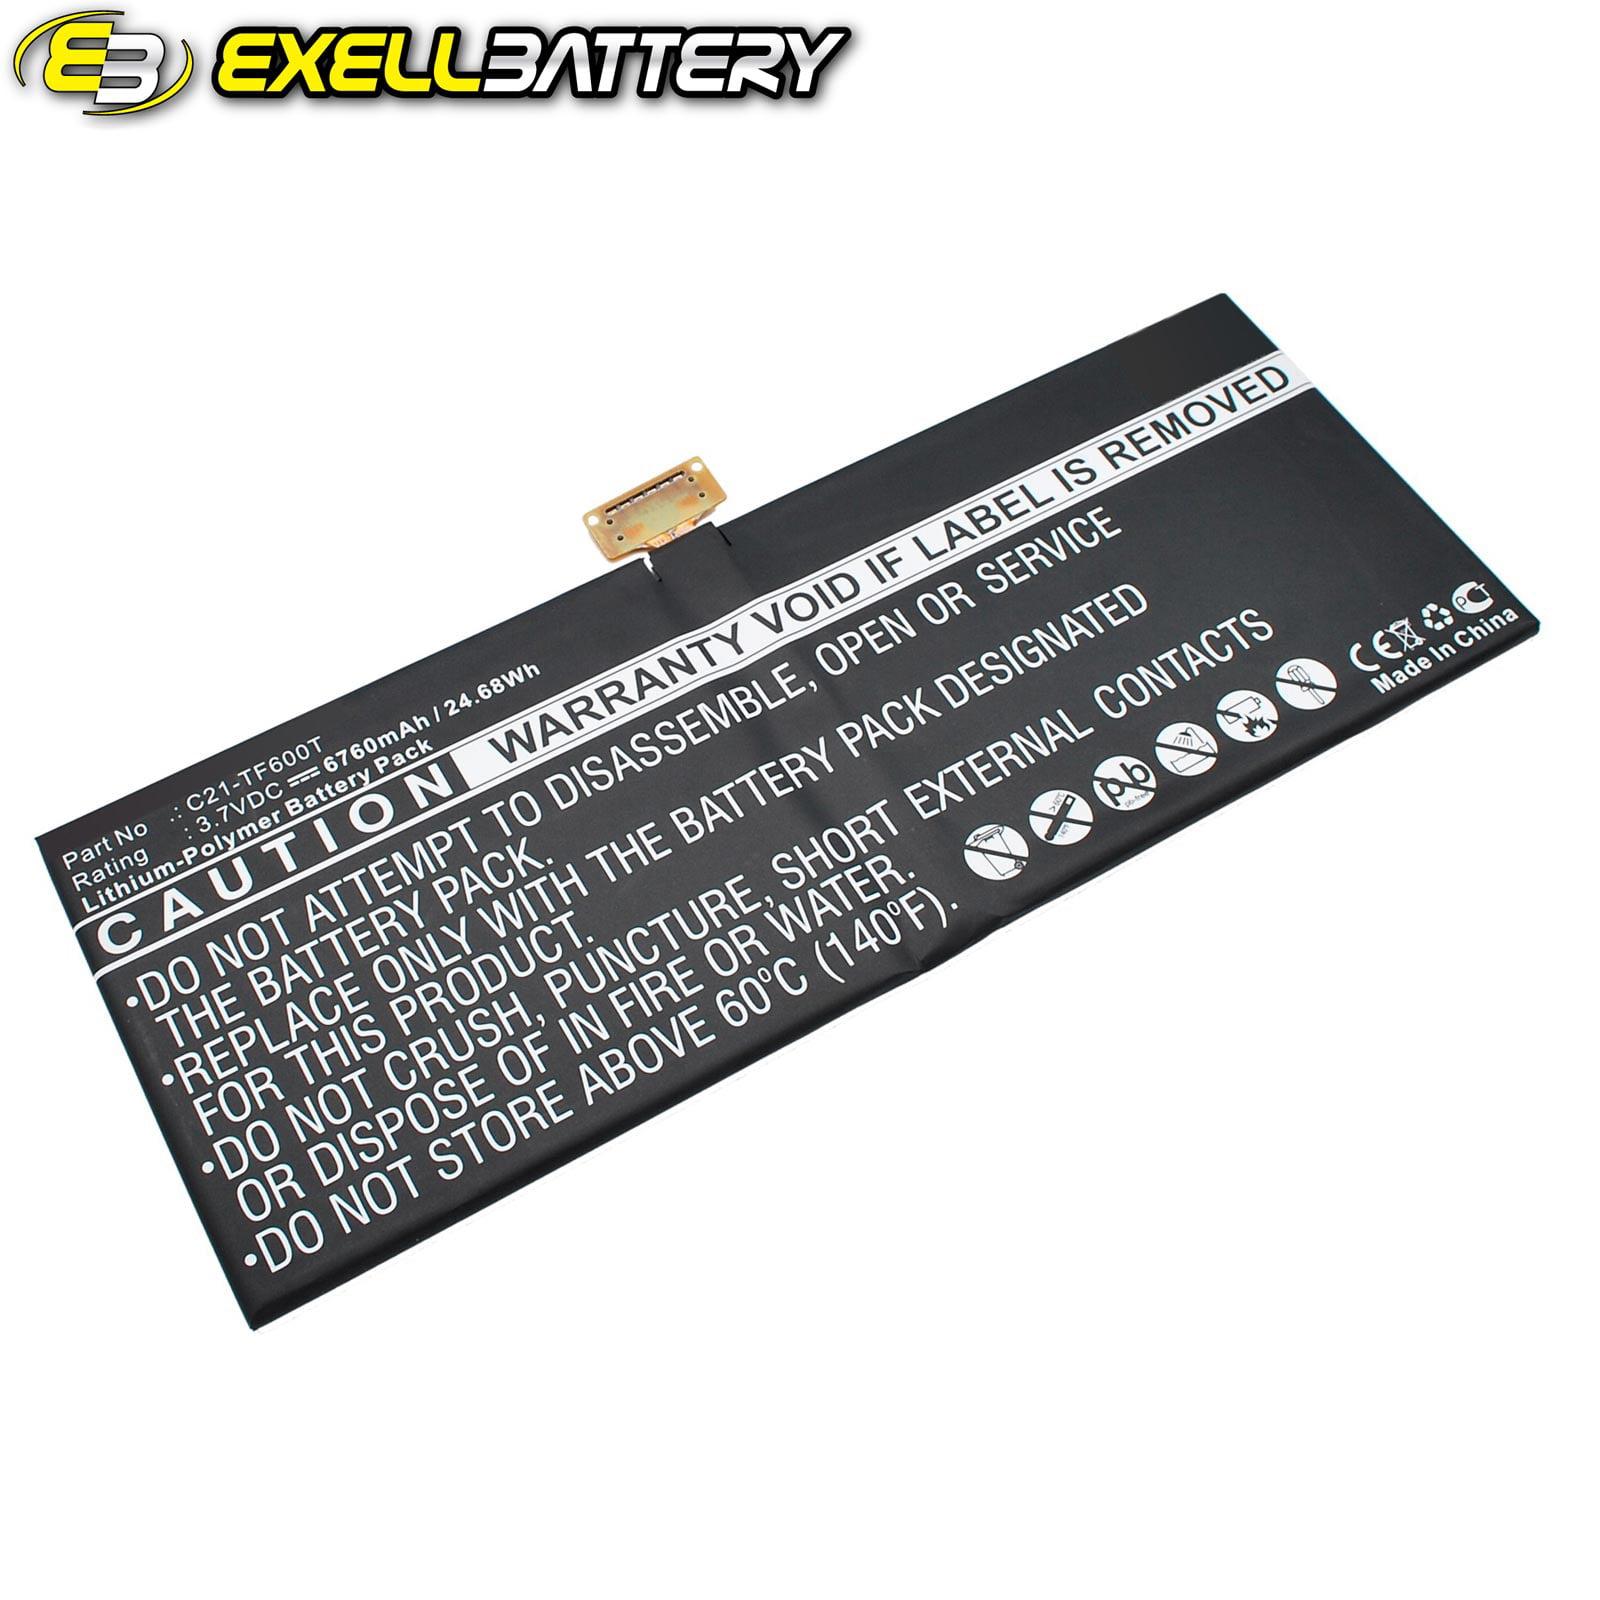 Exell Li-Poly 3.7V Battery Fits ASUS VivoTab TF600TL Tabl...